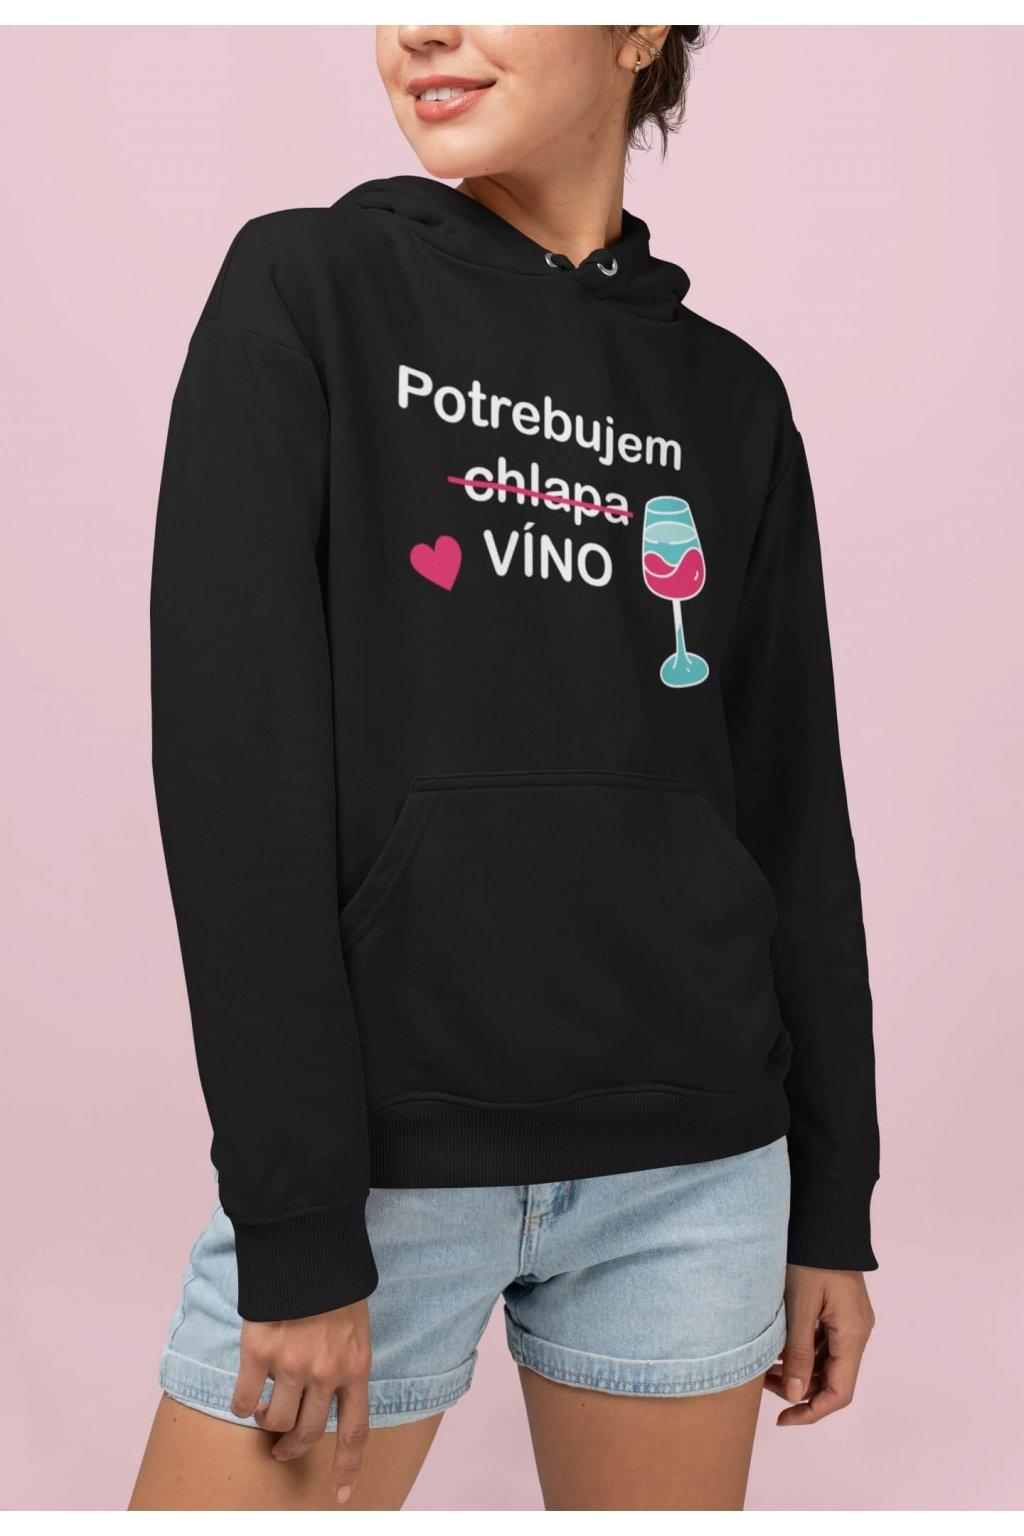 Vtipná dámska mikina Potrebujem víno